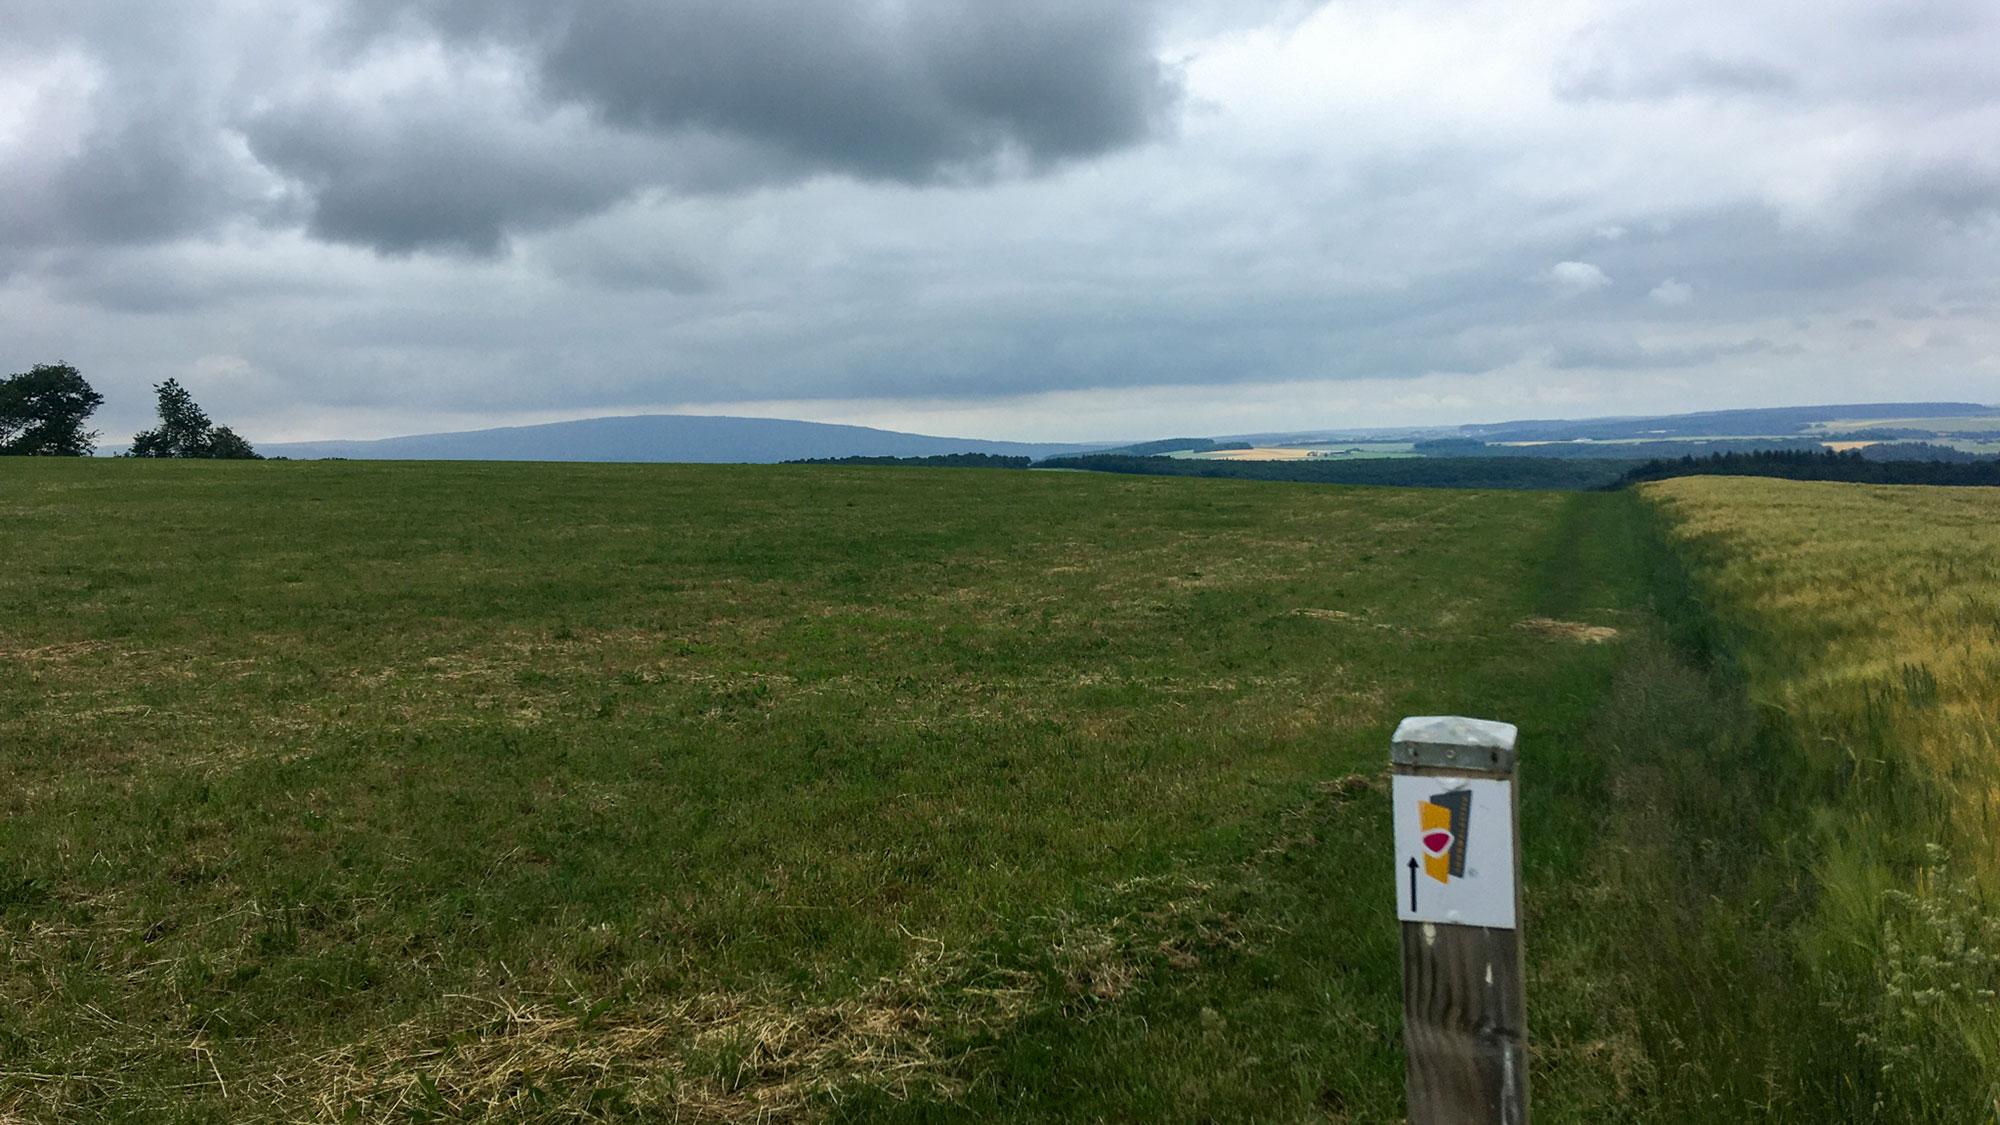 Blick über Acker mit Wegweiser vom Soonwaldsteig, im Hintergrund auf der Anhöhe Bundenbach